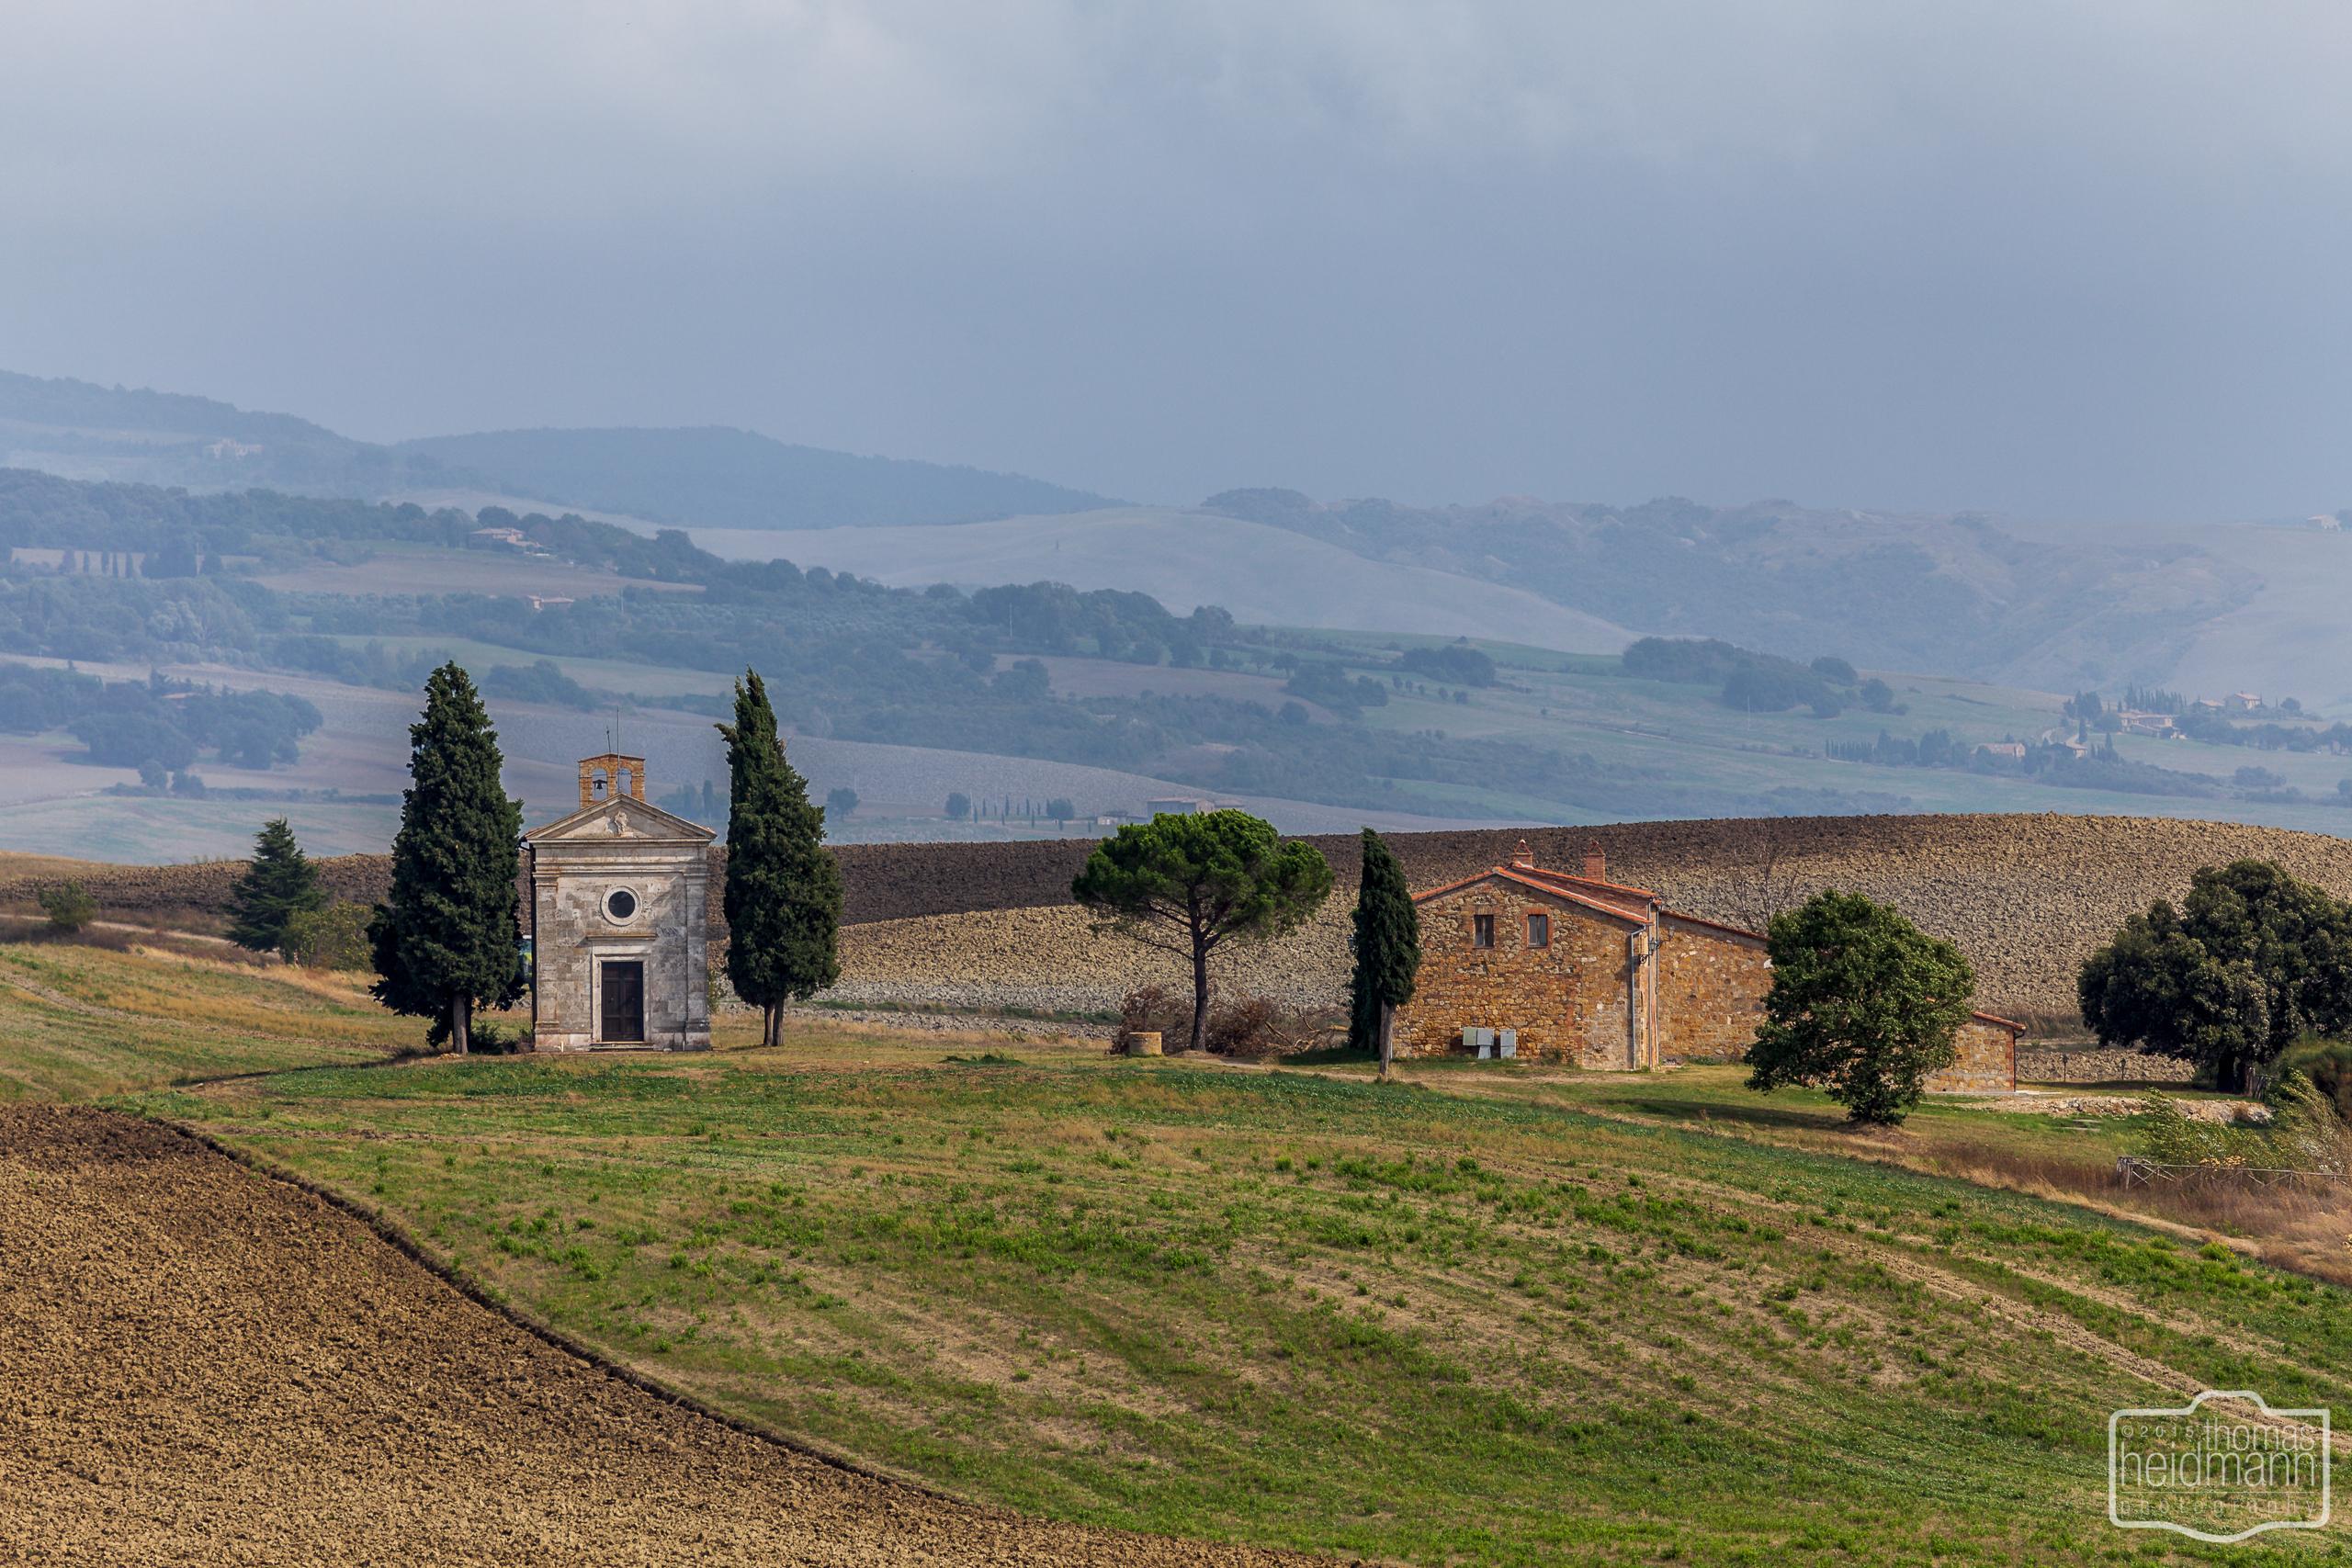 Cappella Della Madonna Di Vitaleta im Val d'Orcia